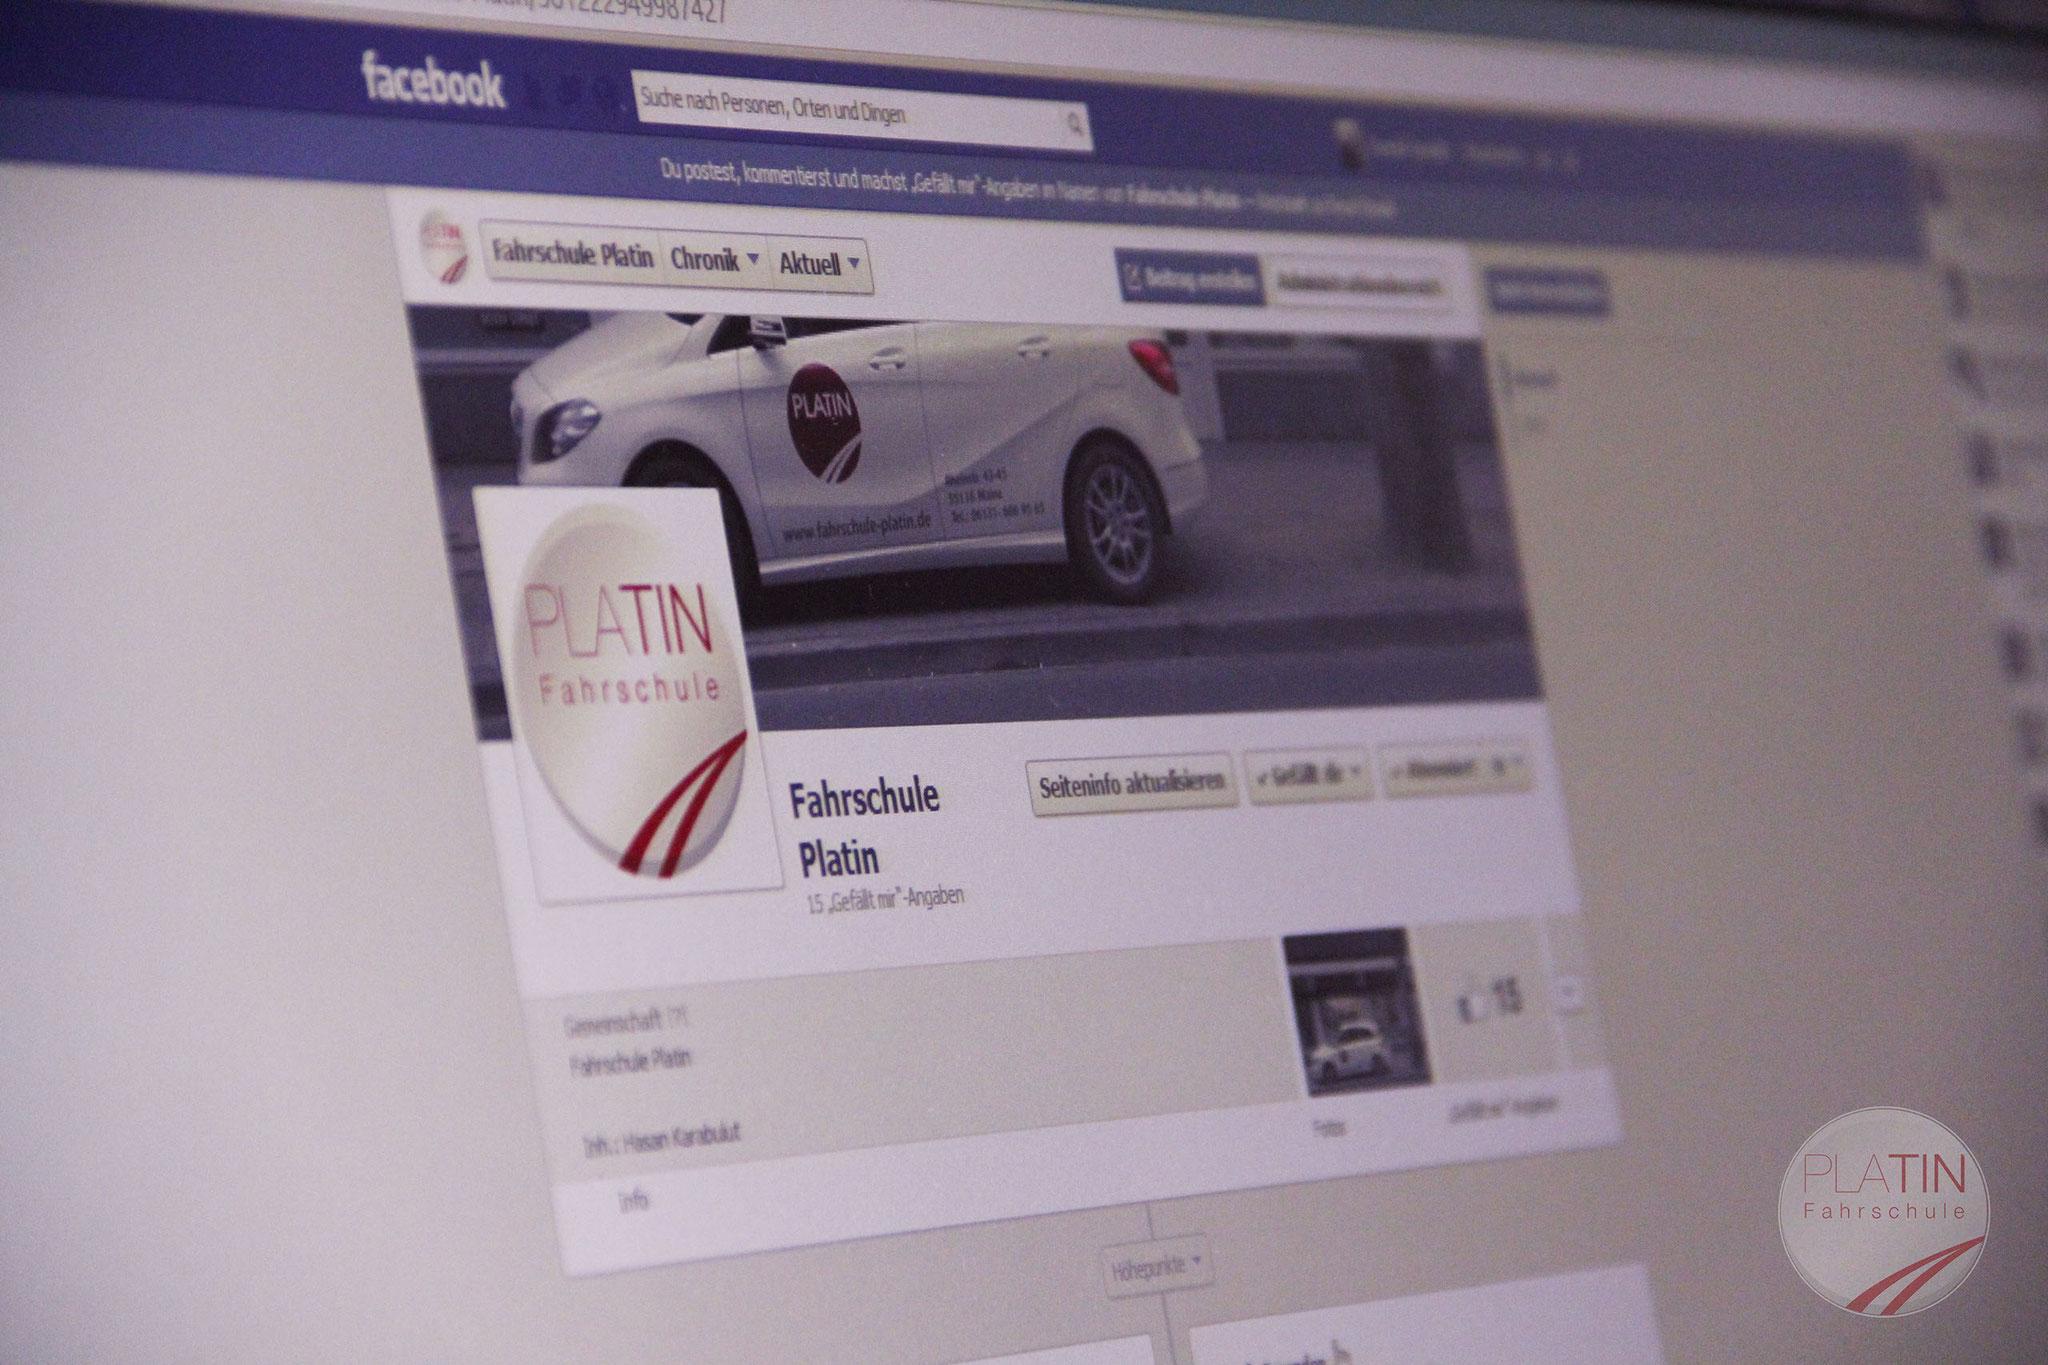 Ihr könnt uns auch gerne auf Facebook besuchen